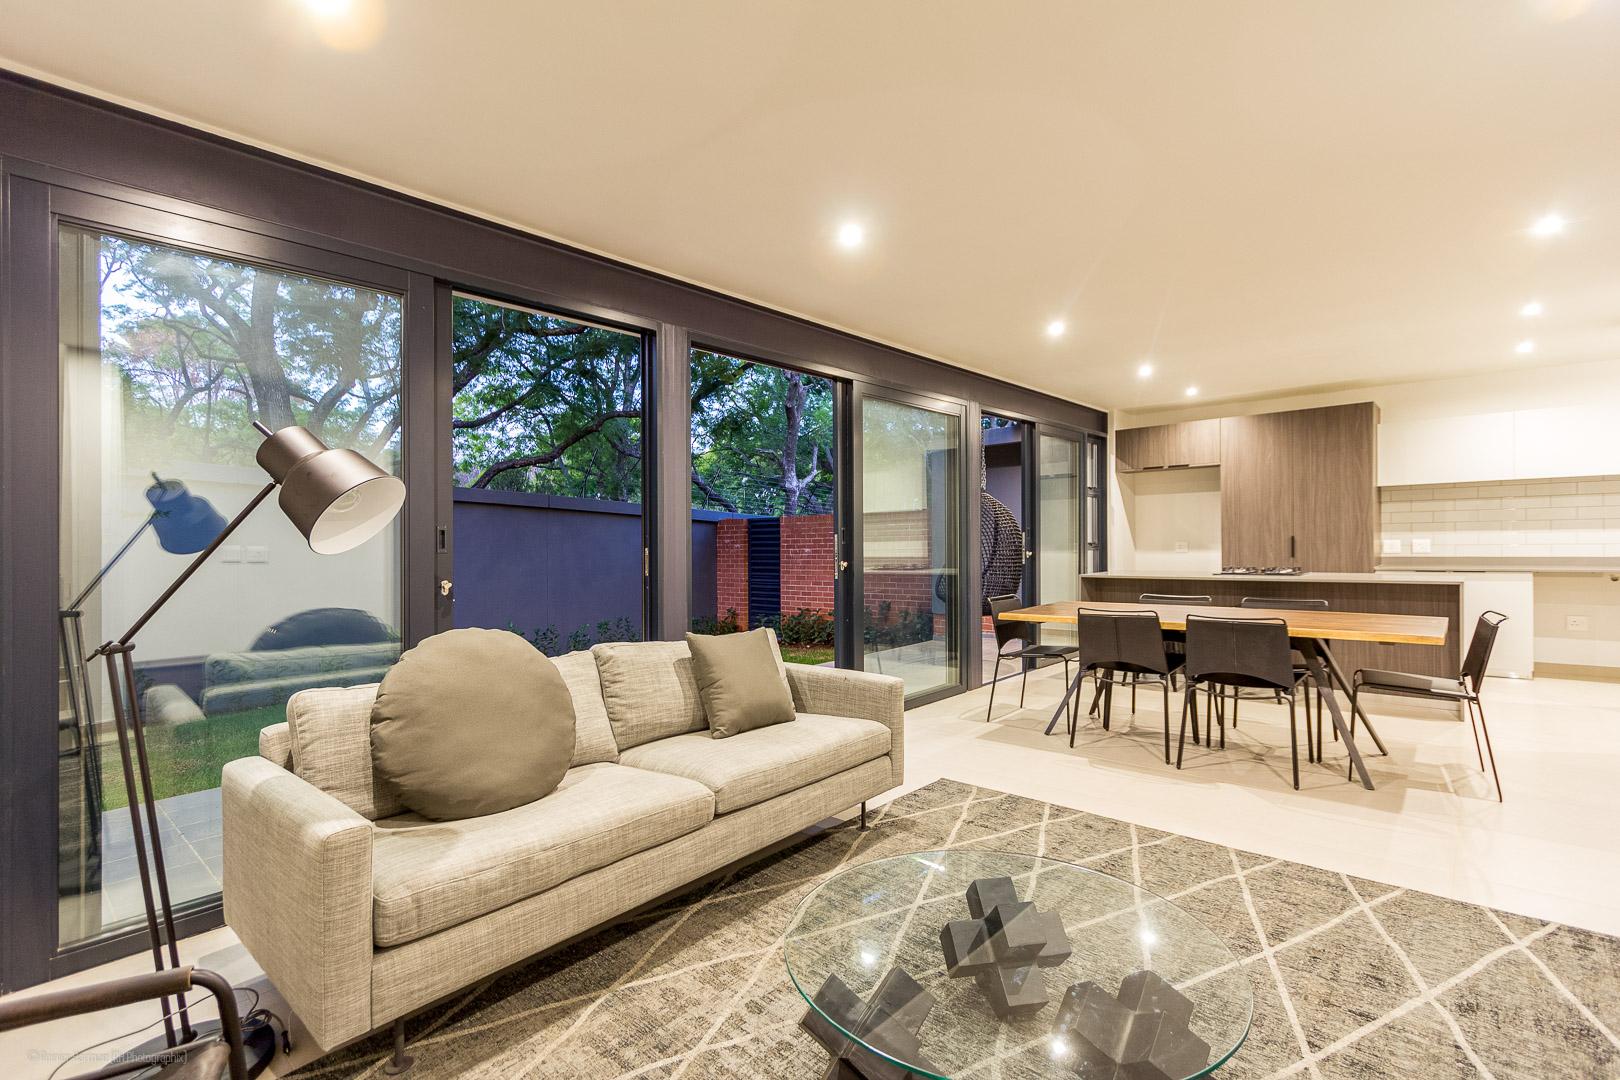 RHPX_Portfolio_Melrose Living Interior-7